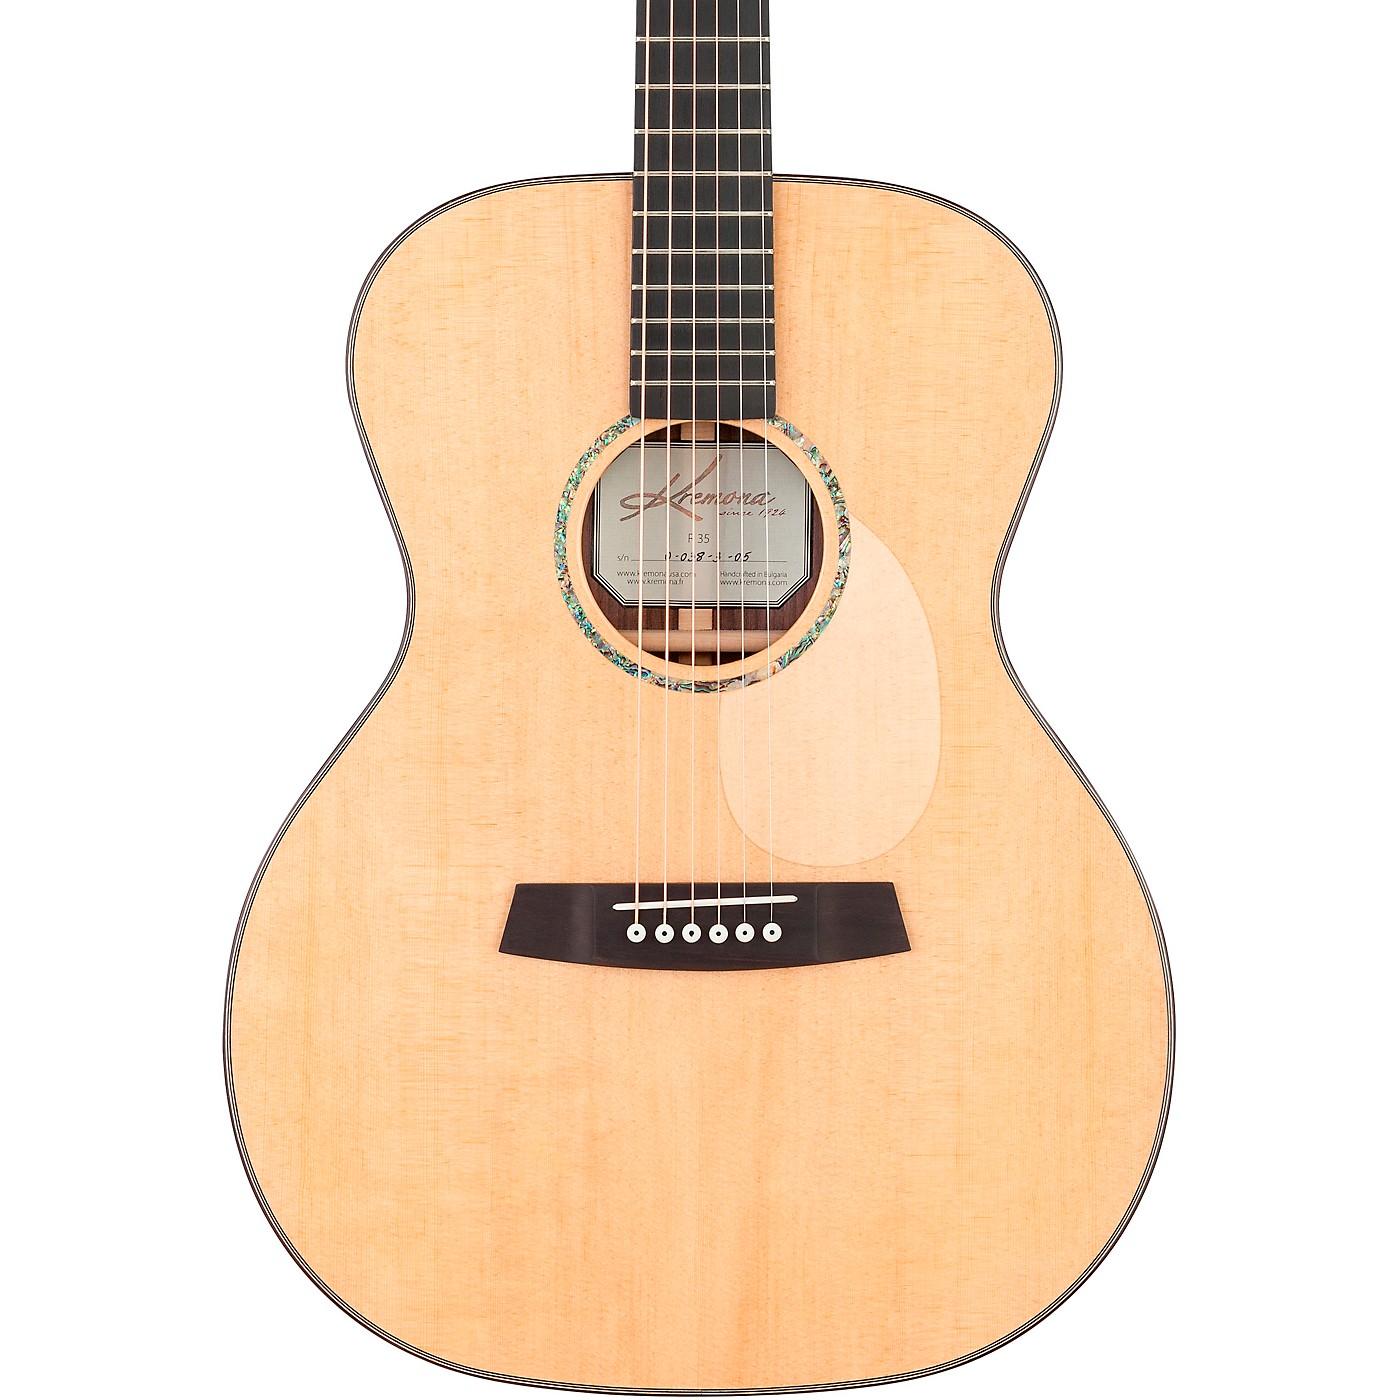 Kremona Kremona R35 OM-Style Acoustic Guitar thumbnail